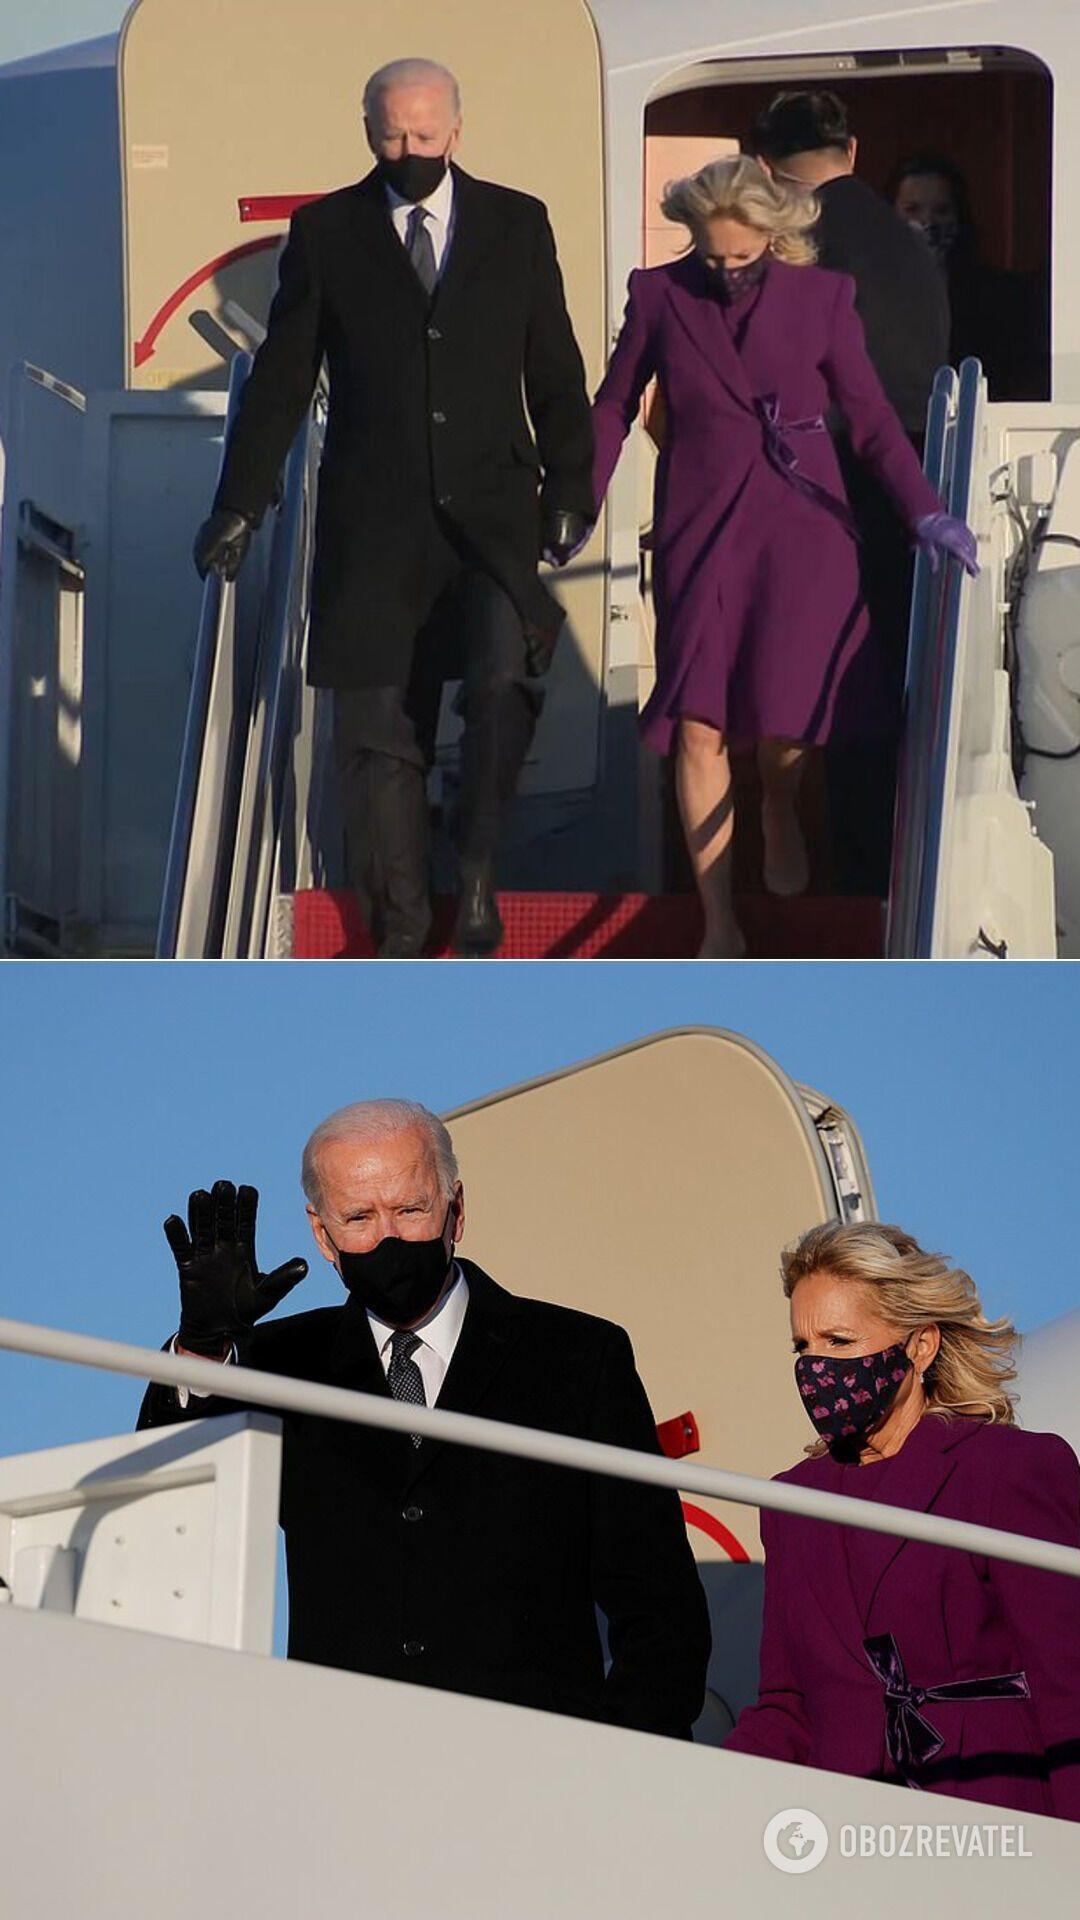 Джо Байден и его жена Джилл прибыли в Вашингтон